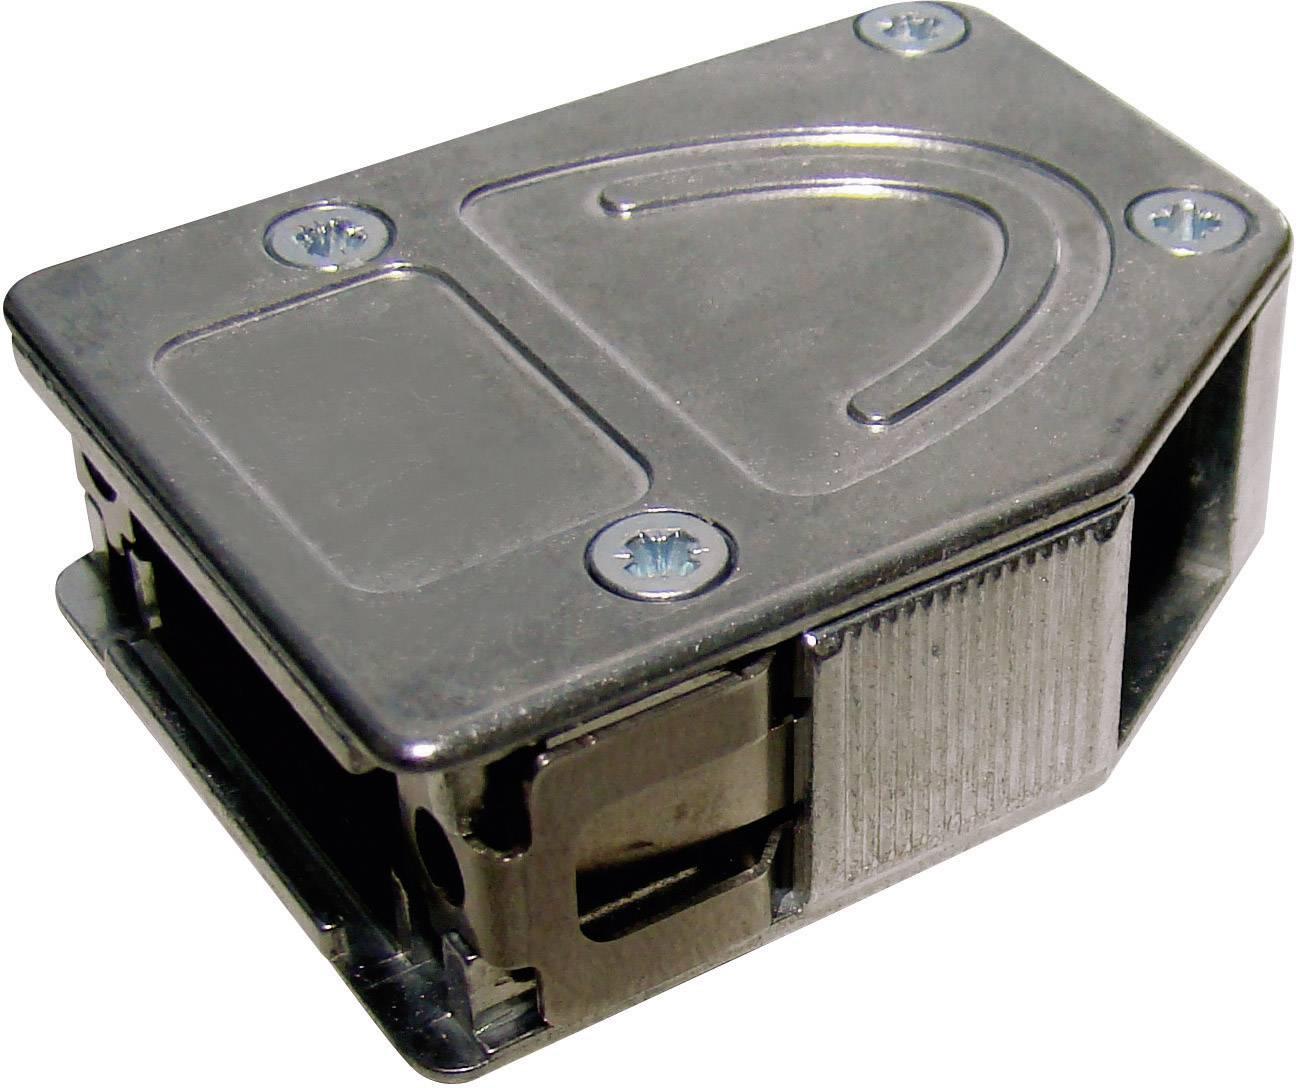 D-SUB pouzdro Provertha 10437DC001 10437DC001, pólů 37, kov, 180 °, 45 °, 45 °, stříbrná, 1 ks